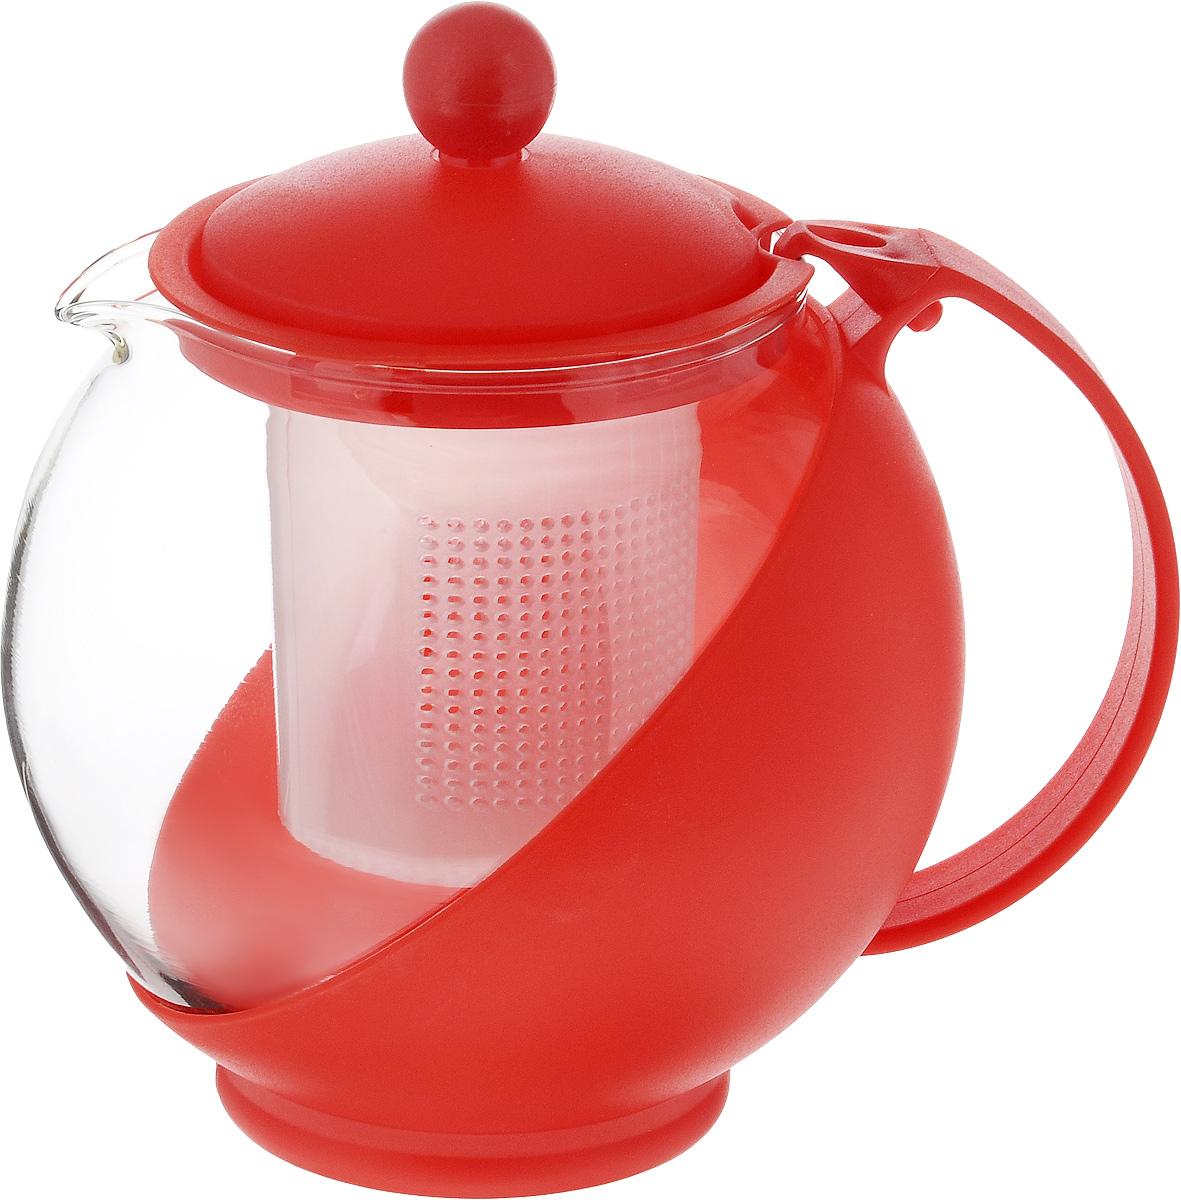 Чайник заварочный Wellberg Aqual, с фильтром, цвет: прозрачный, красный, 750 мл115510Заварочный чайник Wellberg Aqual изготовлен из высококачественного пластика и жаропрочного стекла. Чайник имеет пластиковый фильтр и оснащен удобной ручкой. Он прекрасно подойдет для заваривания чая и травяных напитков. Такой заварочный чайник займет достойное место на вашей кухне.Высота чайника (без учета крышки): 11,5 см.Высота чайника (с учетом крышки): 14 см. Диаметр (по верхнему краю): 8 см.